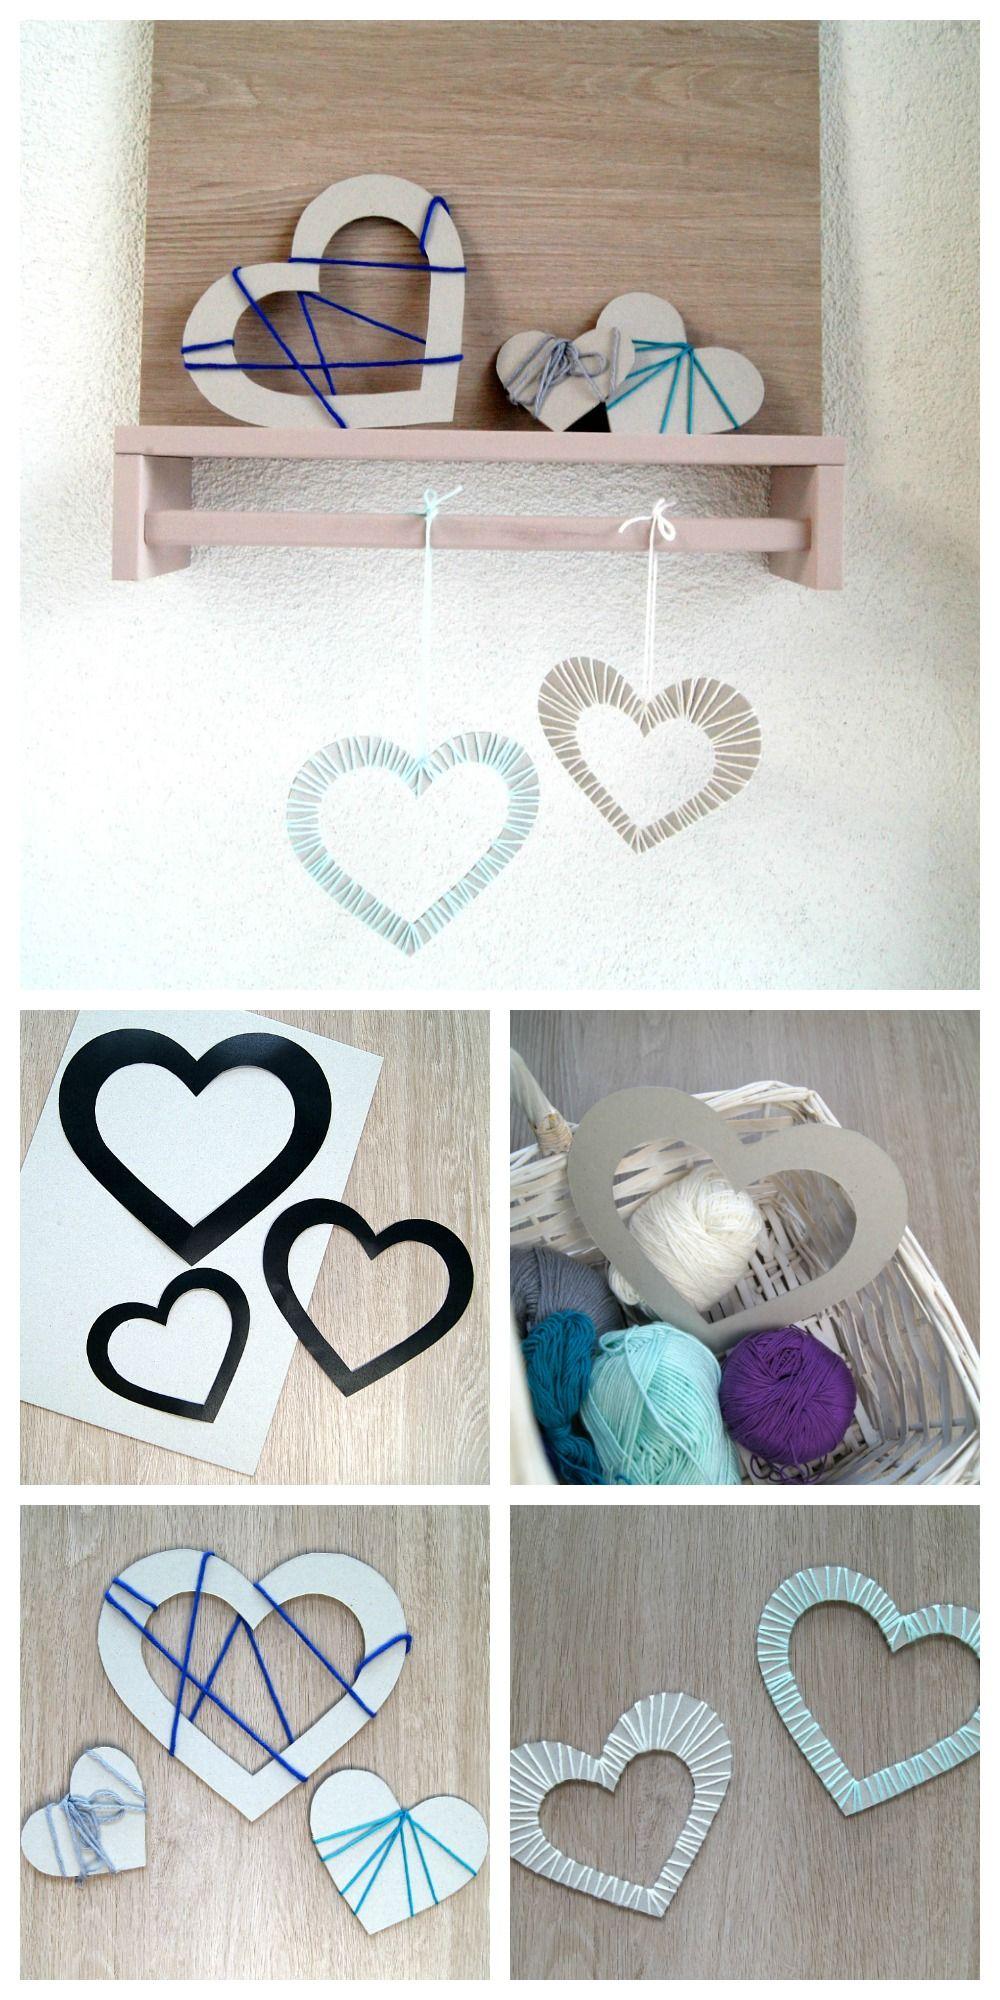 valentinsherzen einmal anders gestalten kids kreativ geschenke f r valentinstag sch ne. Black Bedroom Furniture Sets. Home Design Ideas